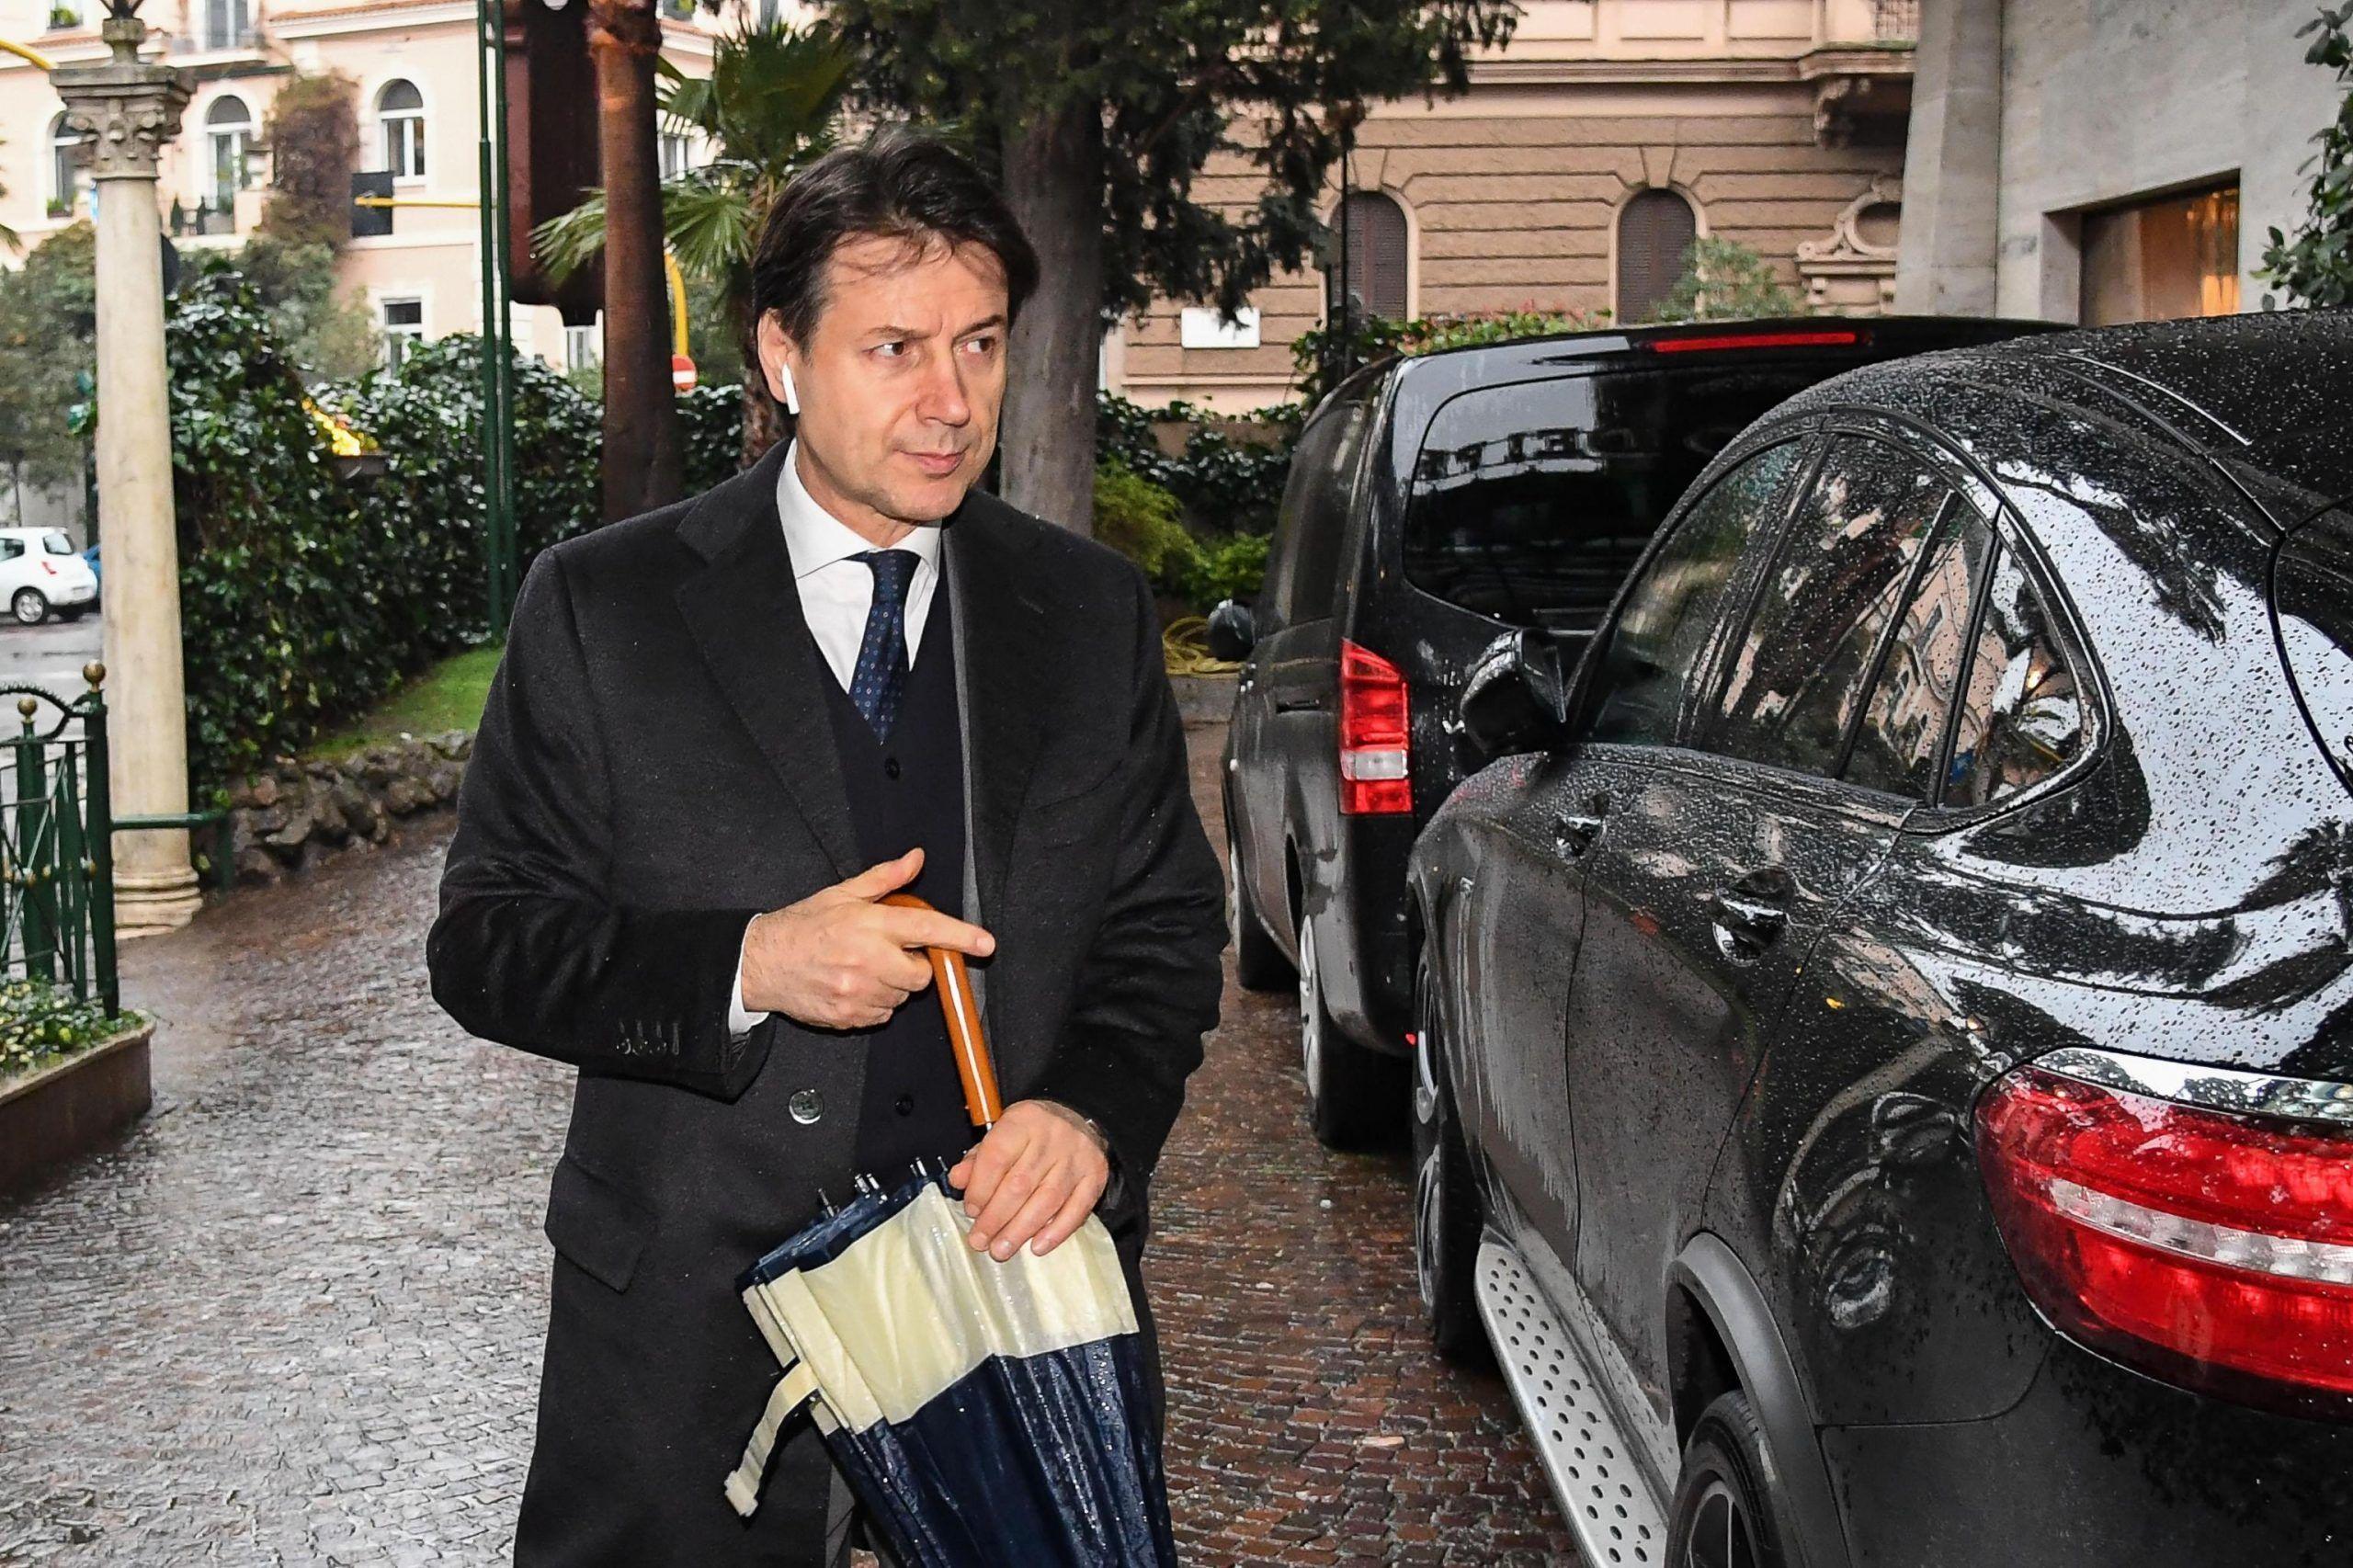 Giuseppe Conte, il curriculum gonfiato e quei misteri che gettano ombra sul premier nominato da M5S e Lega